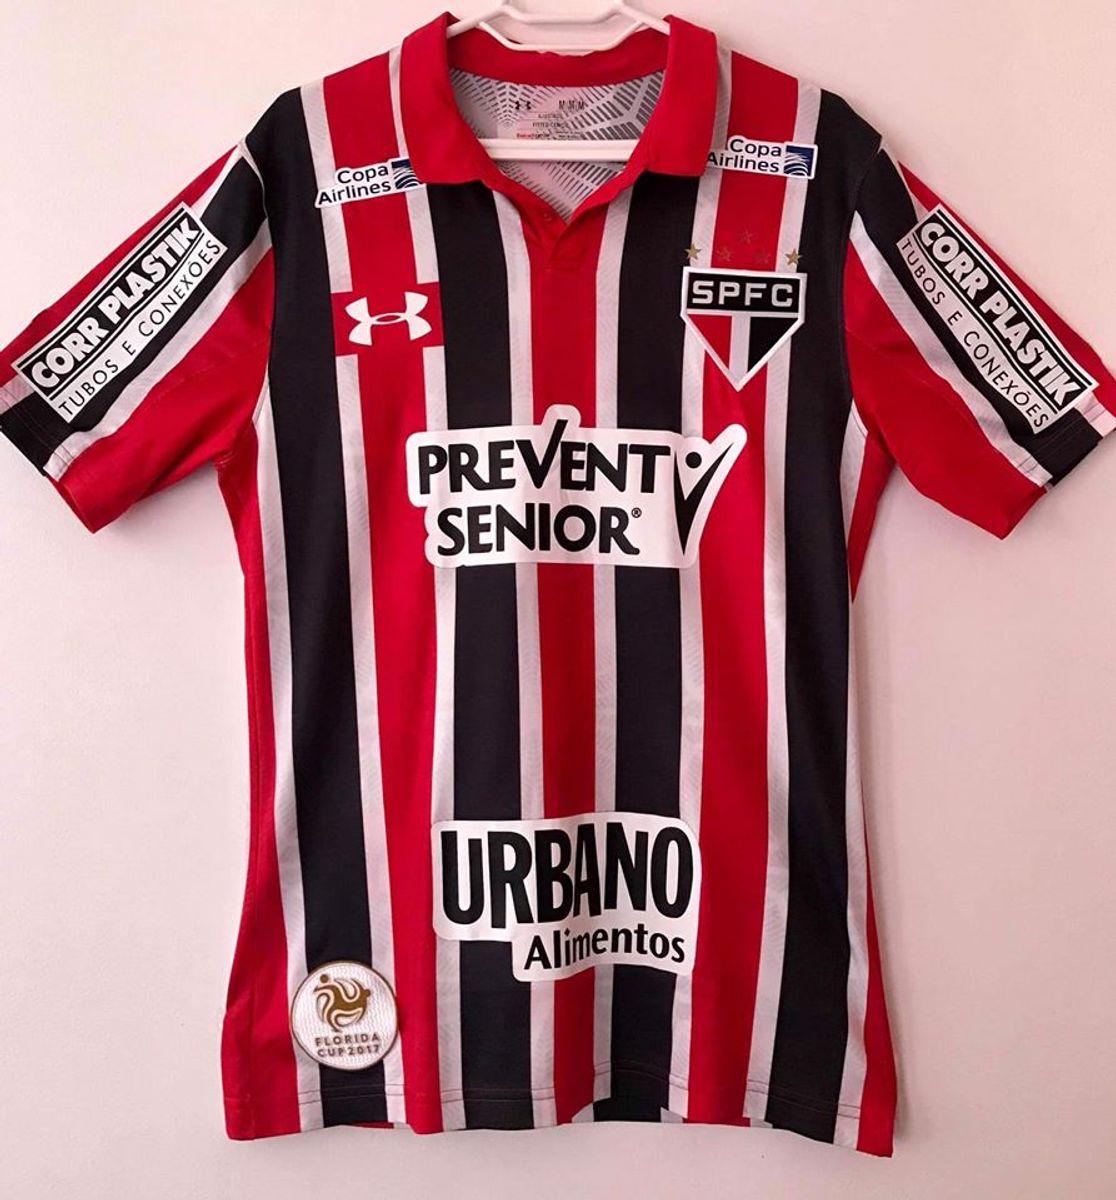 Comunismo Enajenar tarde  Camisa São Paulo 2016/2017 Jogador | Camiseta Masculina Under Armour Usado  45145783 | enjoei